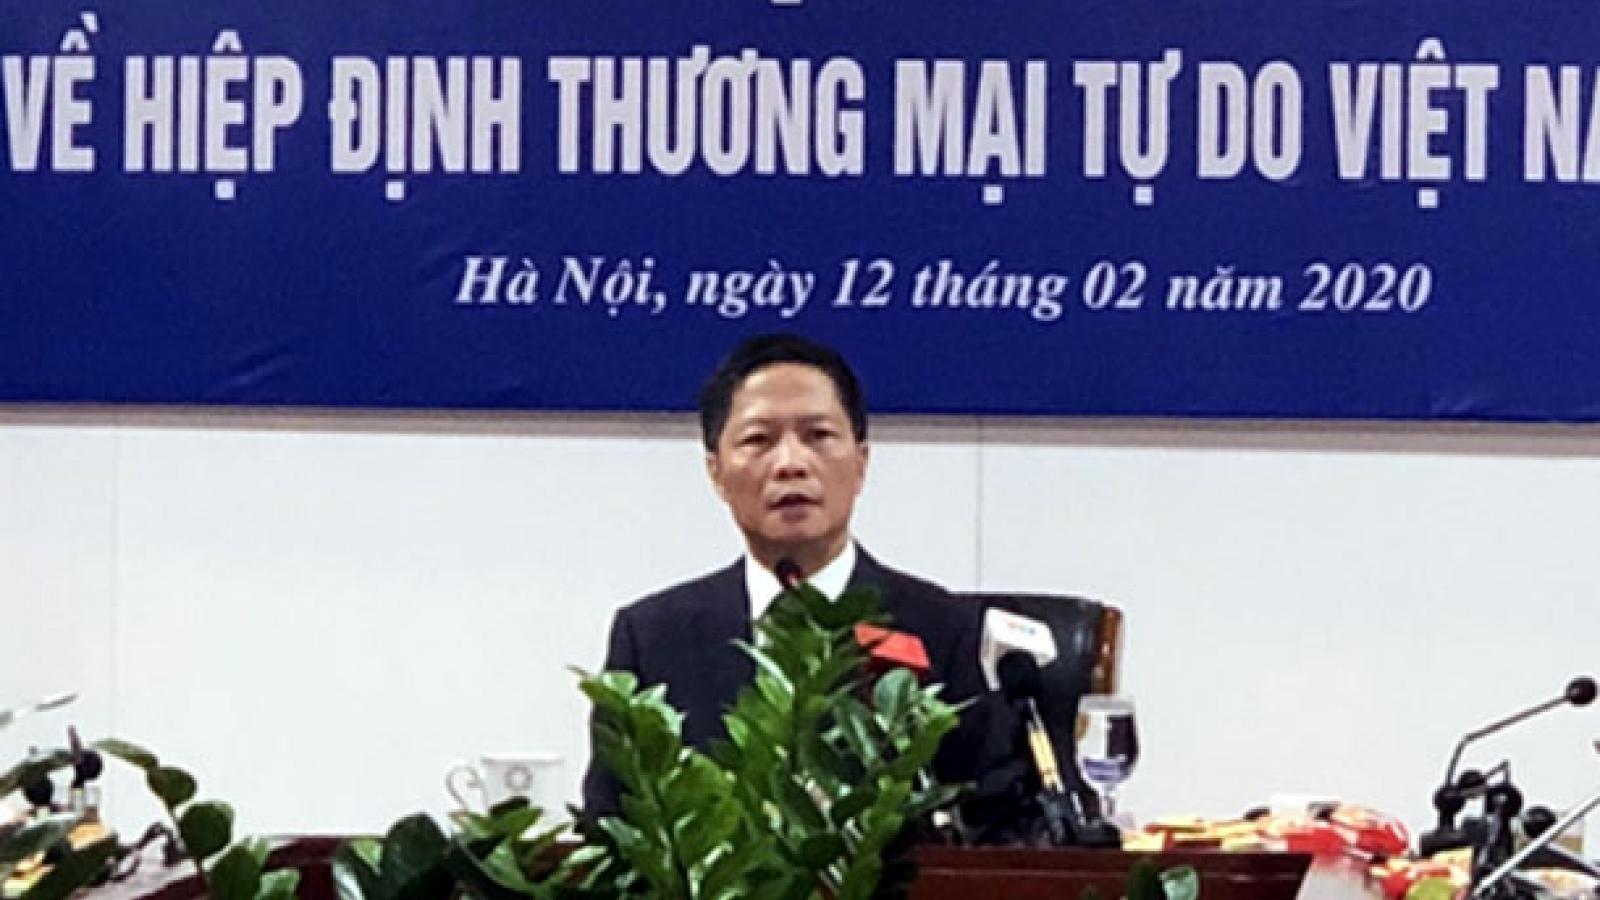 Hiệp định thương mại tự do tác động tích cực cho phục hồi kinh tế Việt Nam